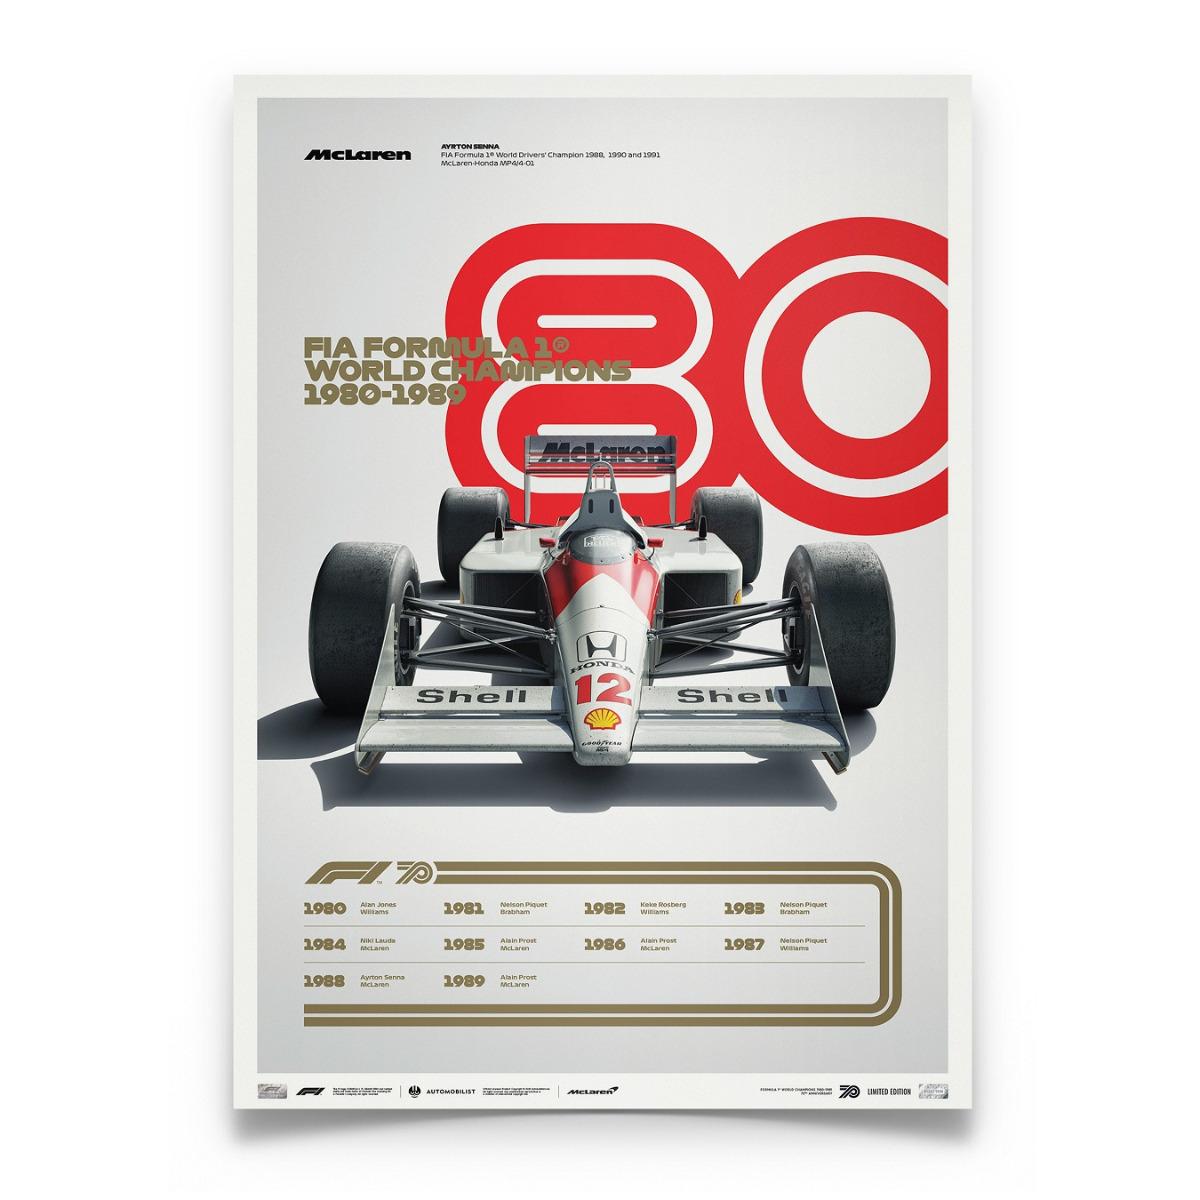 FORMULA 1® DECADES - 80s McLaren